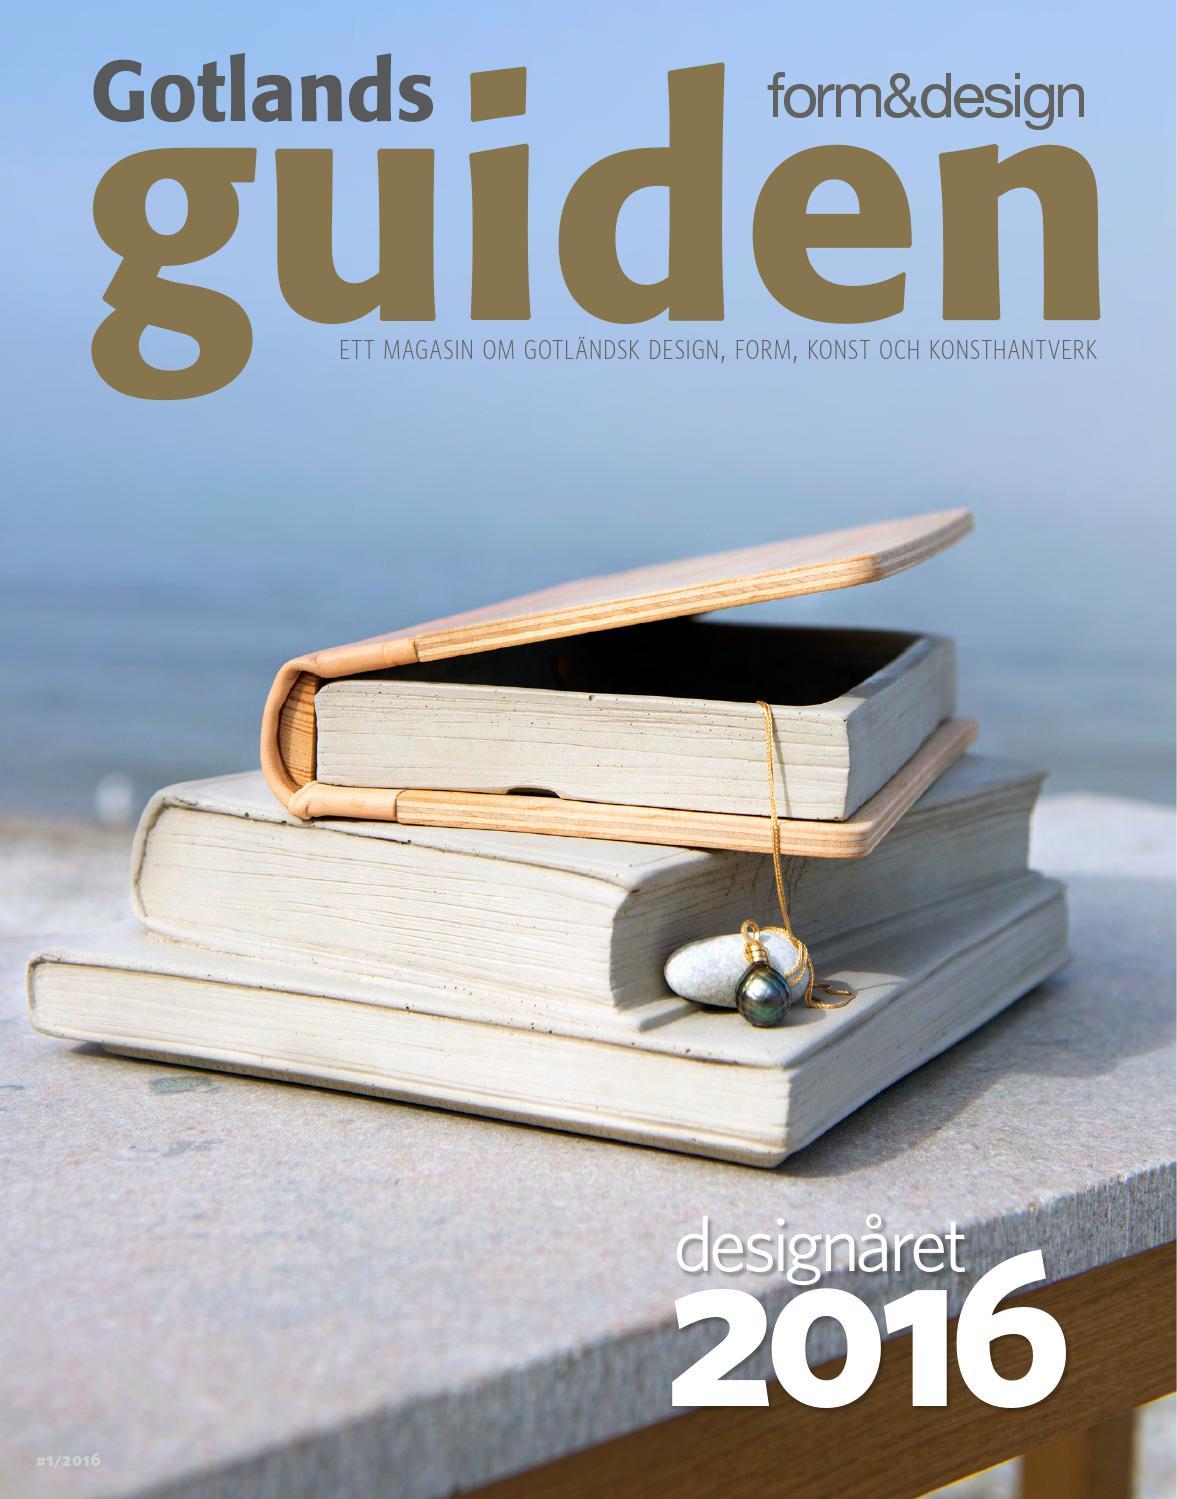 Gotlandsguiden 2014 by gotlandsguiden   issuu